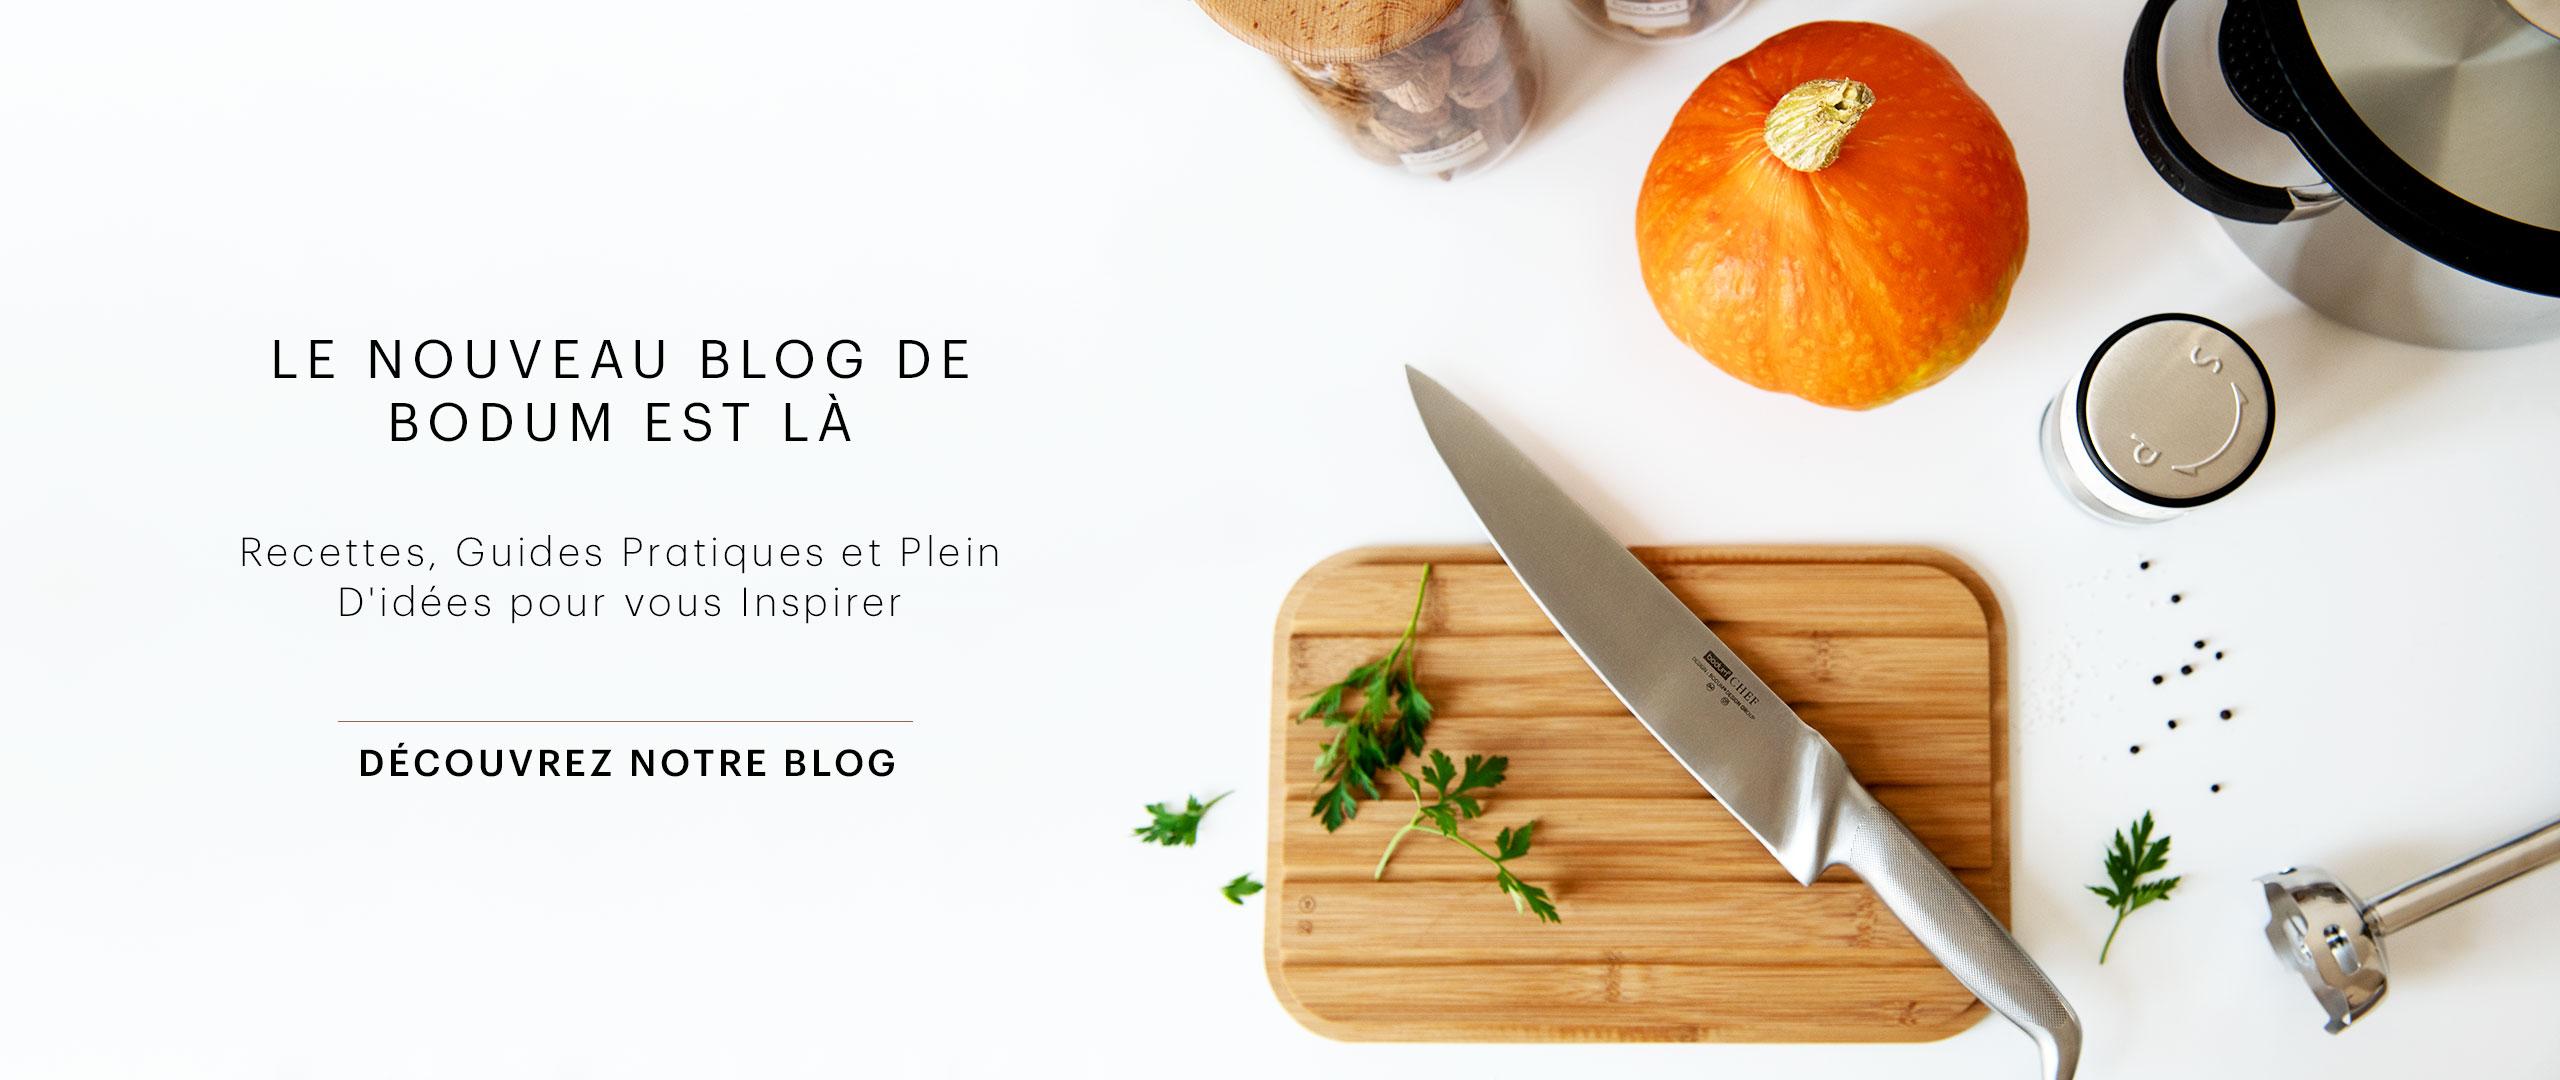 BEU [FR] - Blog